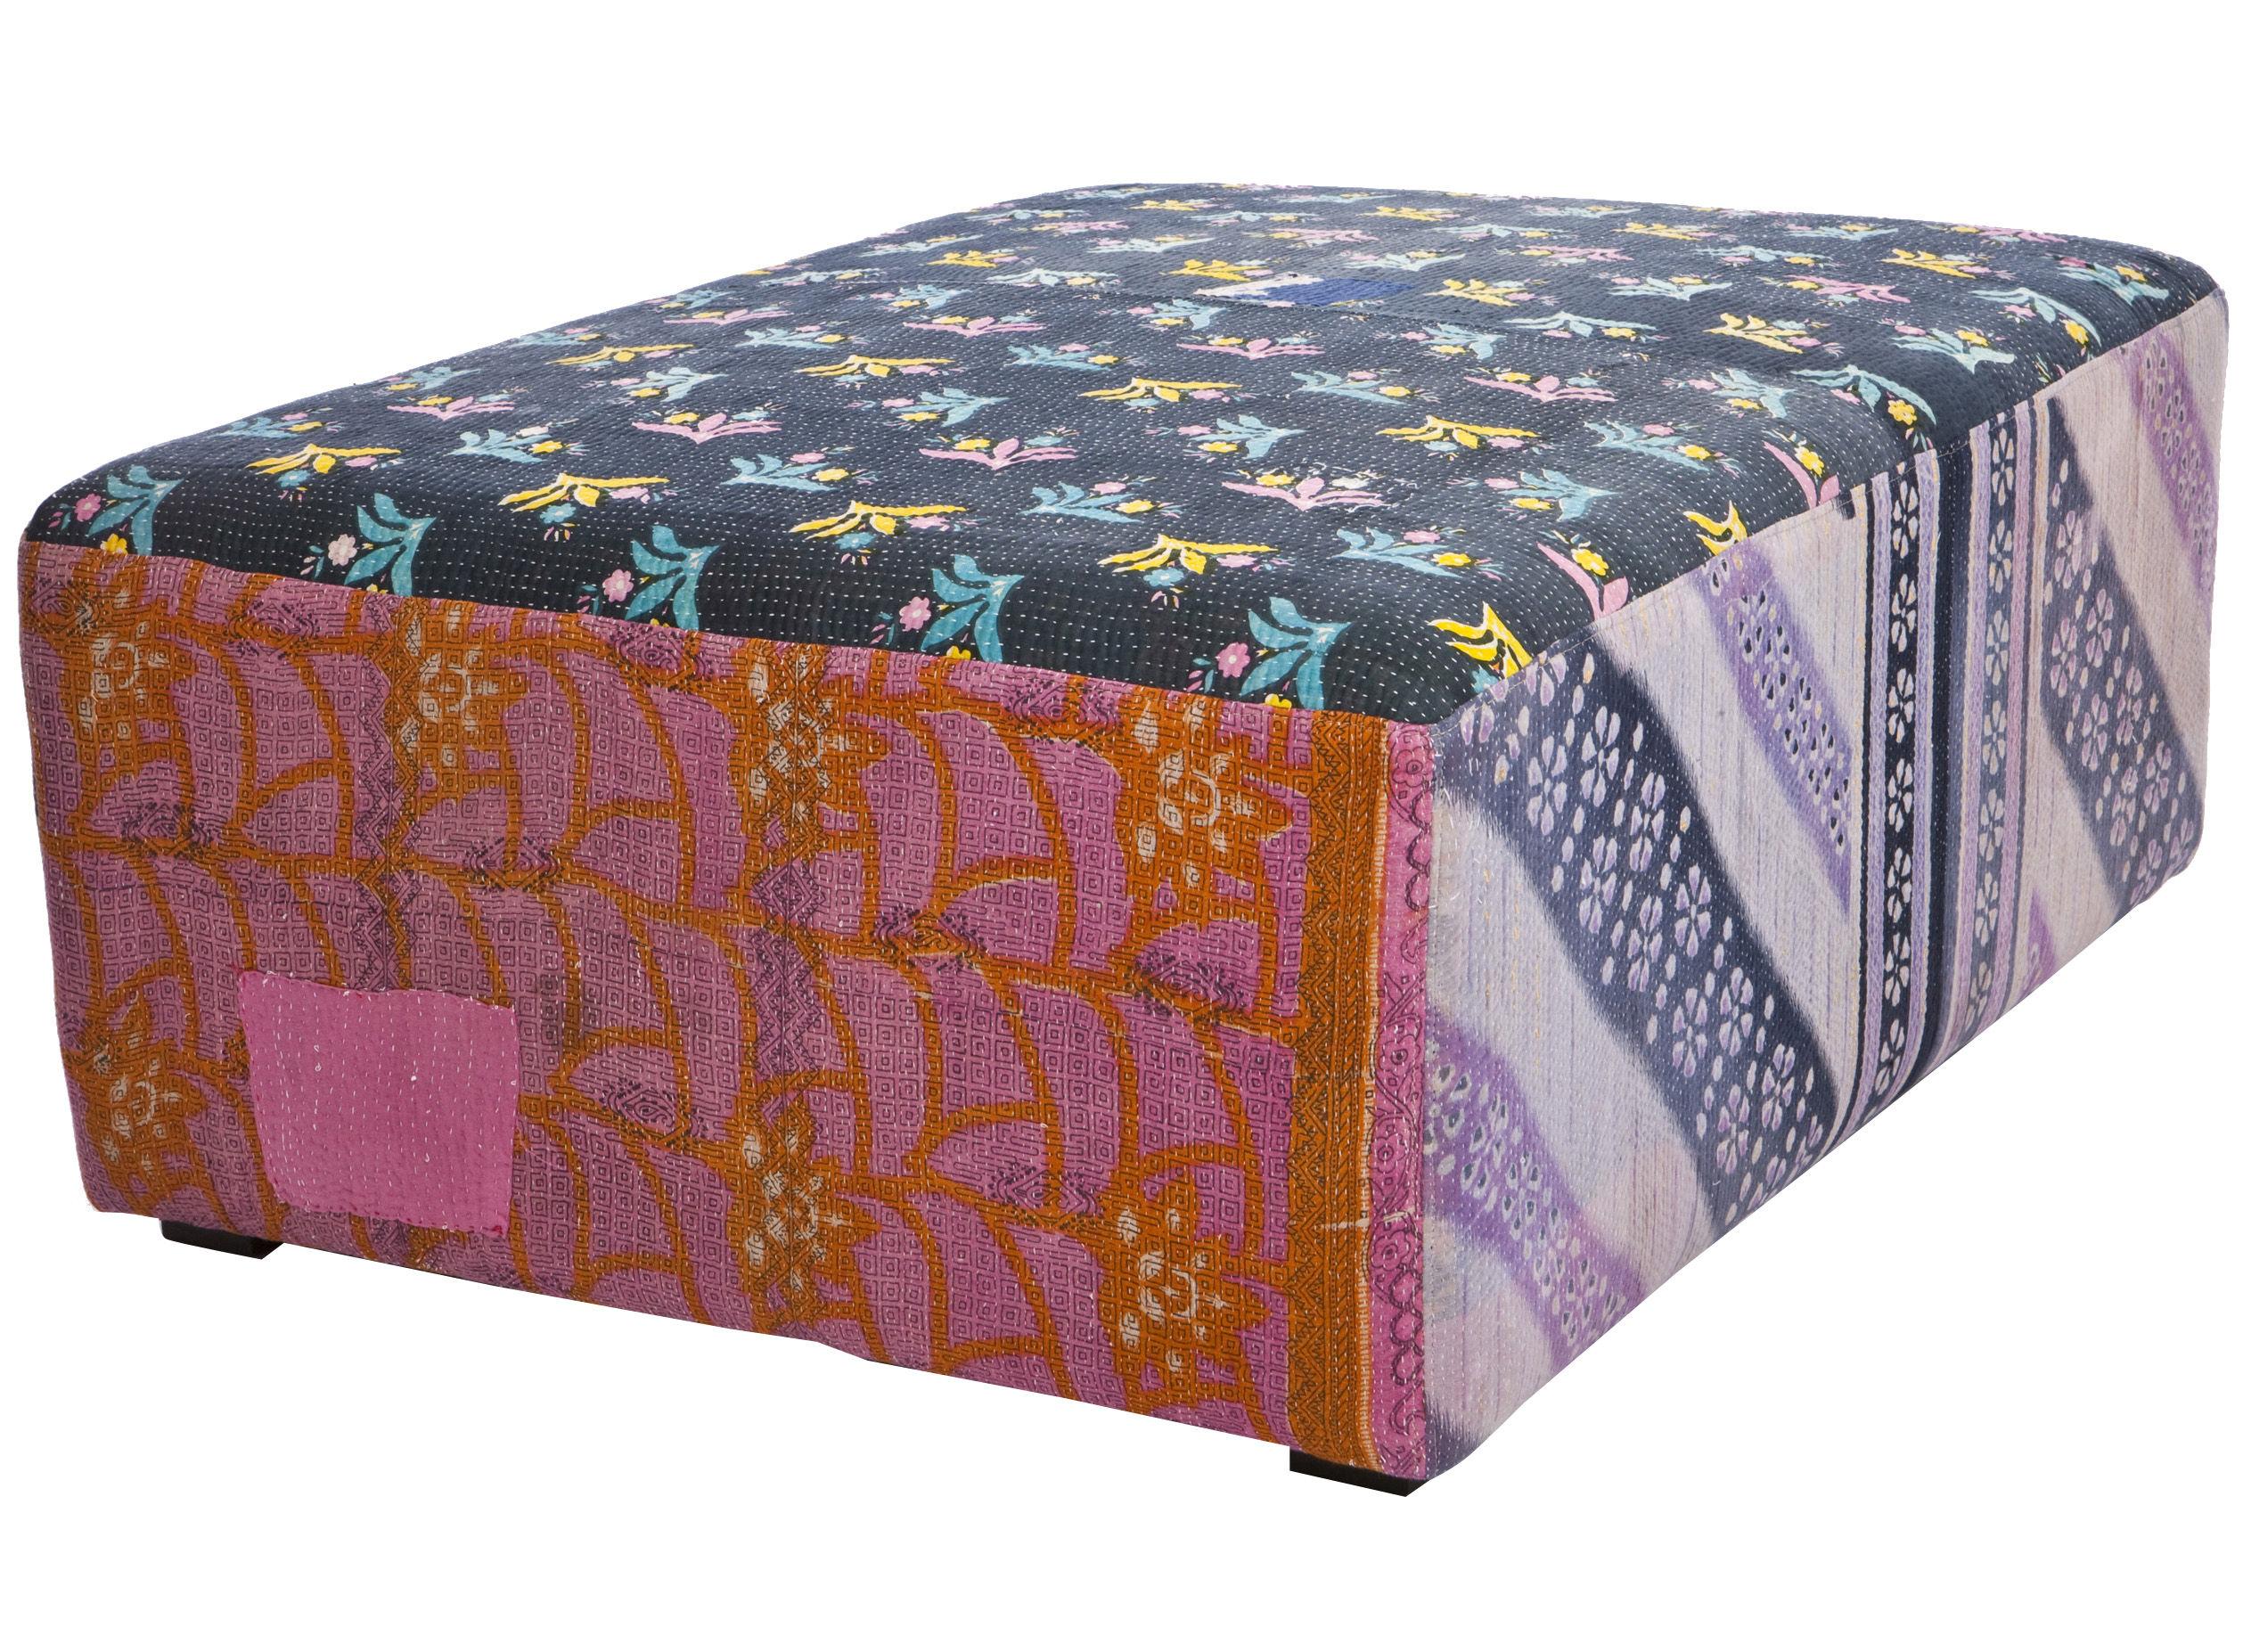 Furniture - Poufs & Floor Cushions - Antique Quilt Pouf by Hay - Multicoloured - Cotton, Pine, Polyurethane foam